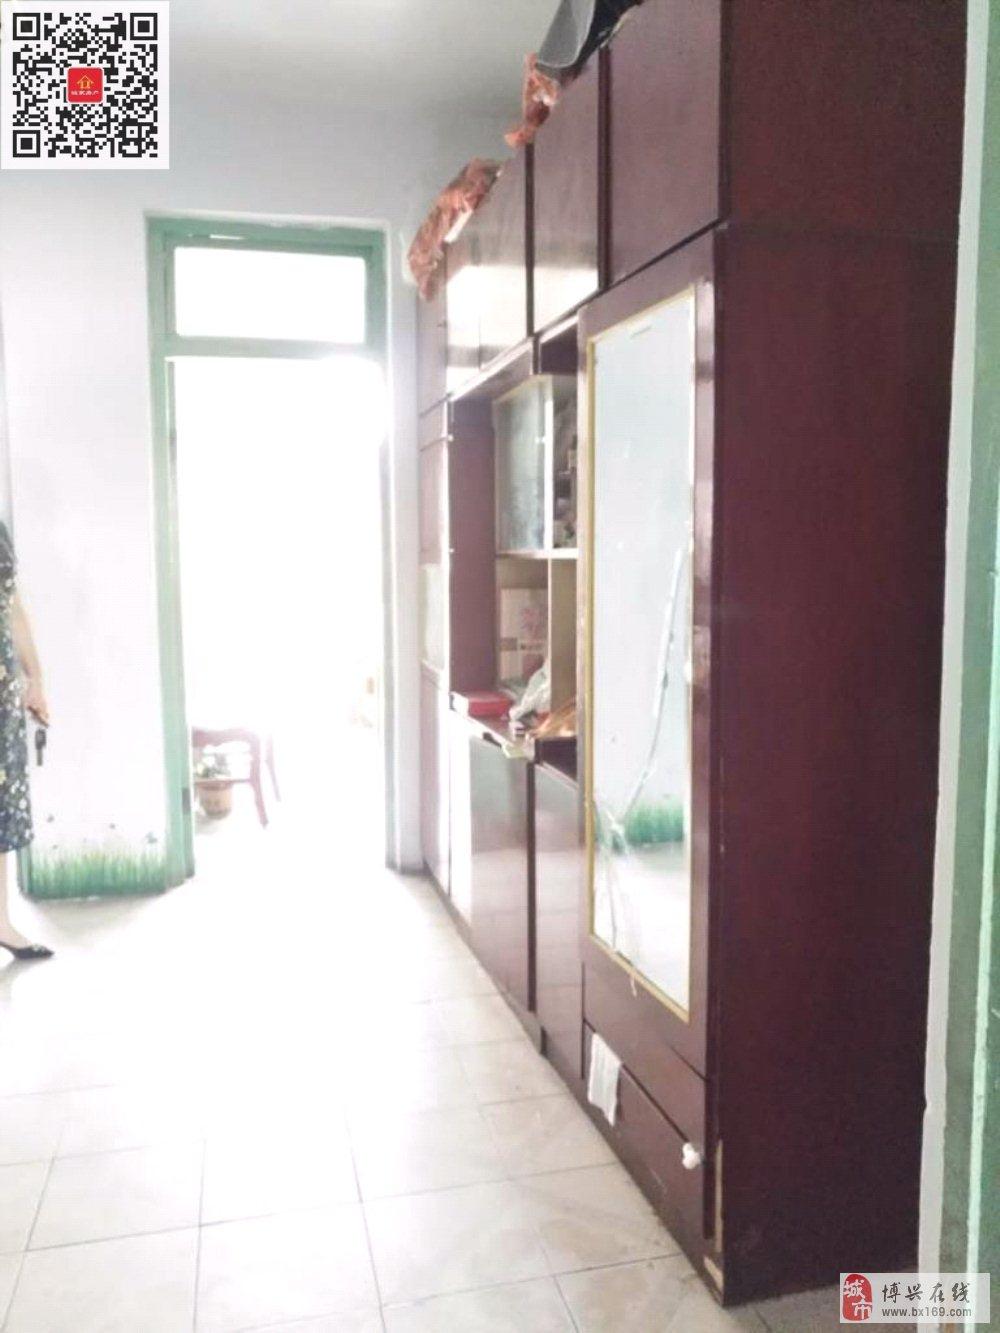 04878博城五路单位房3室1厅1卫60万元